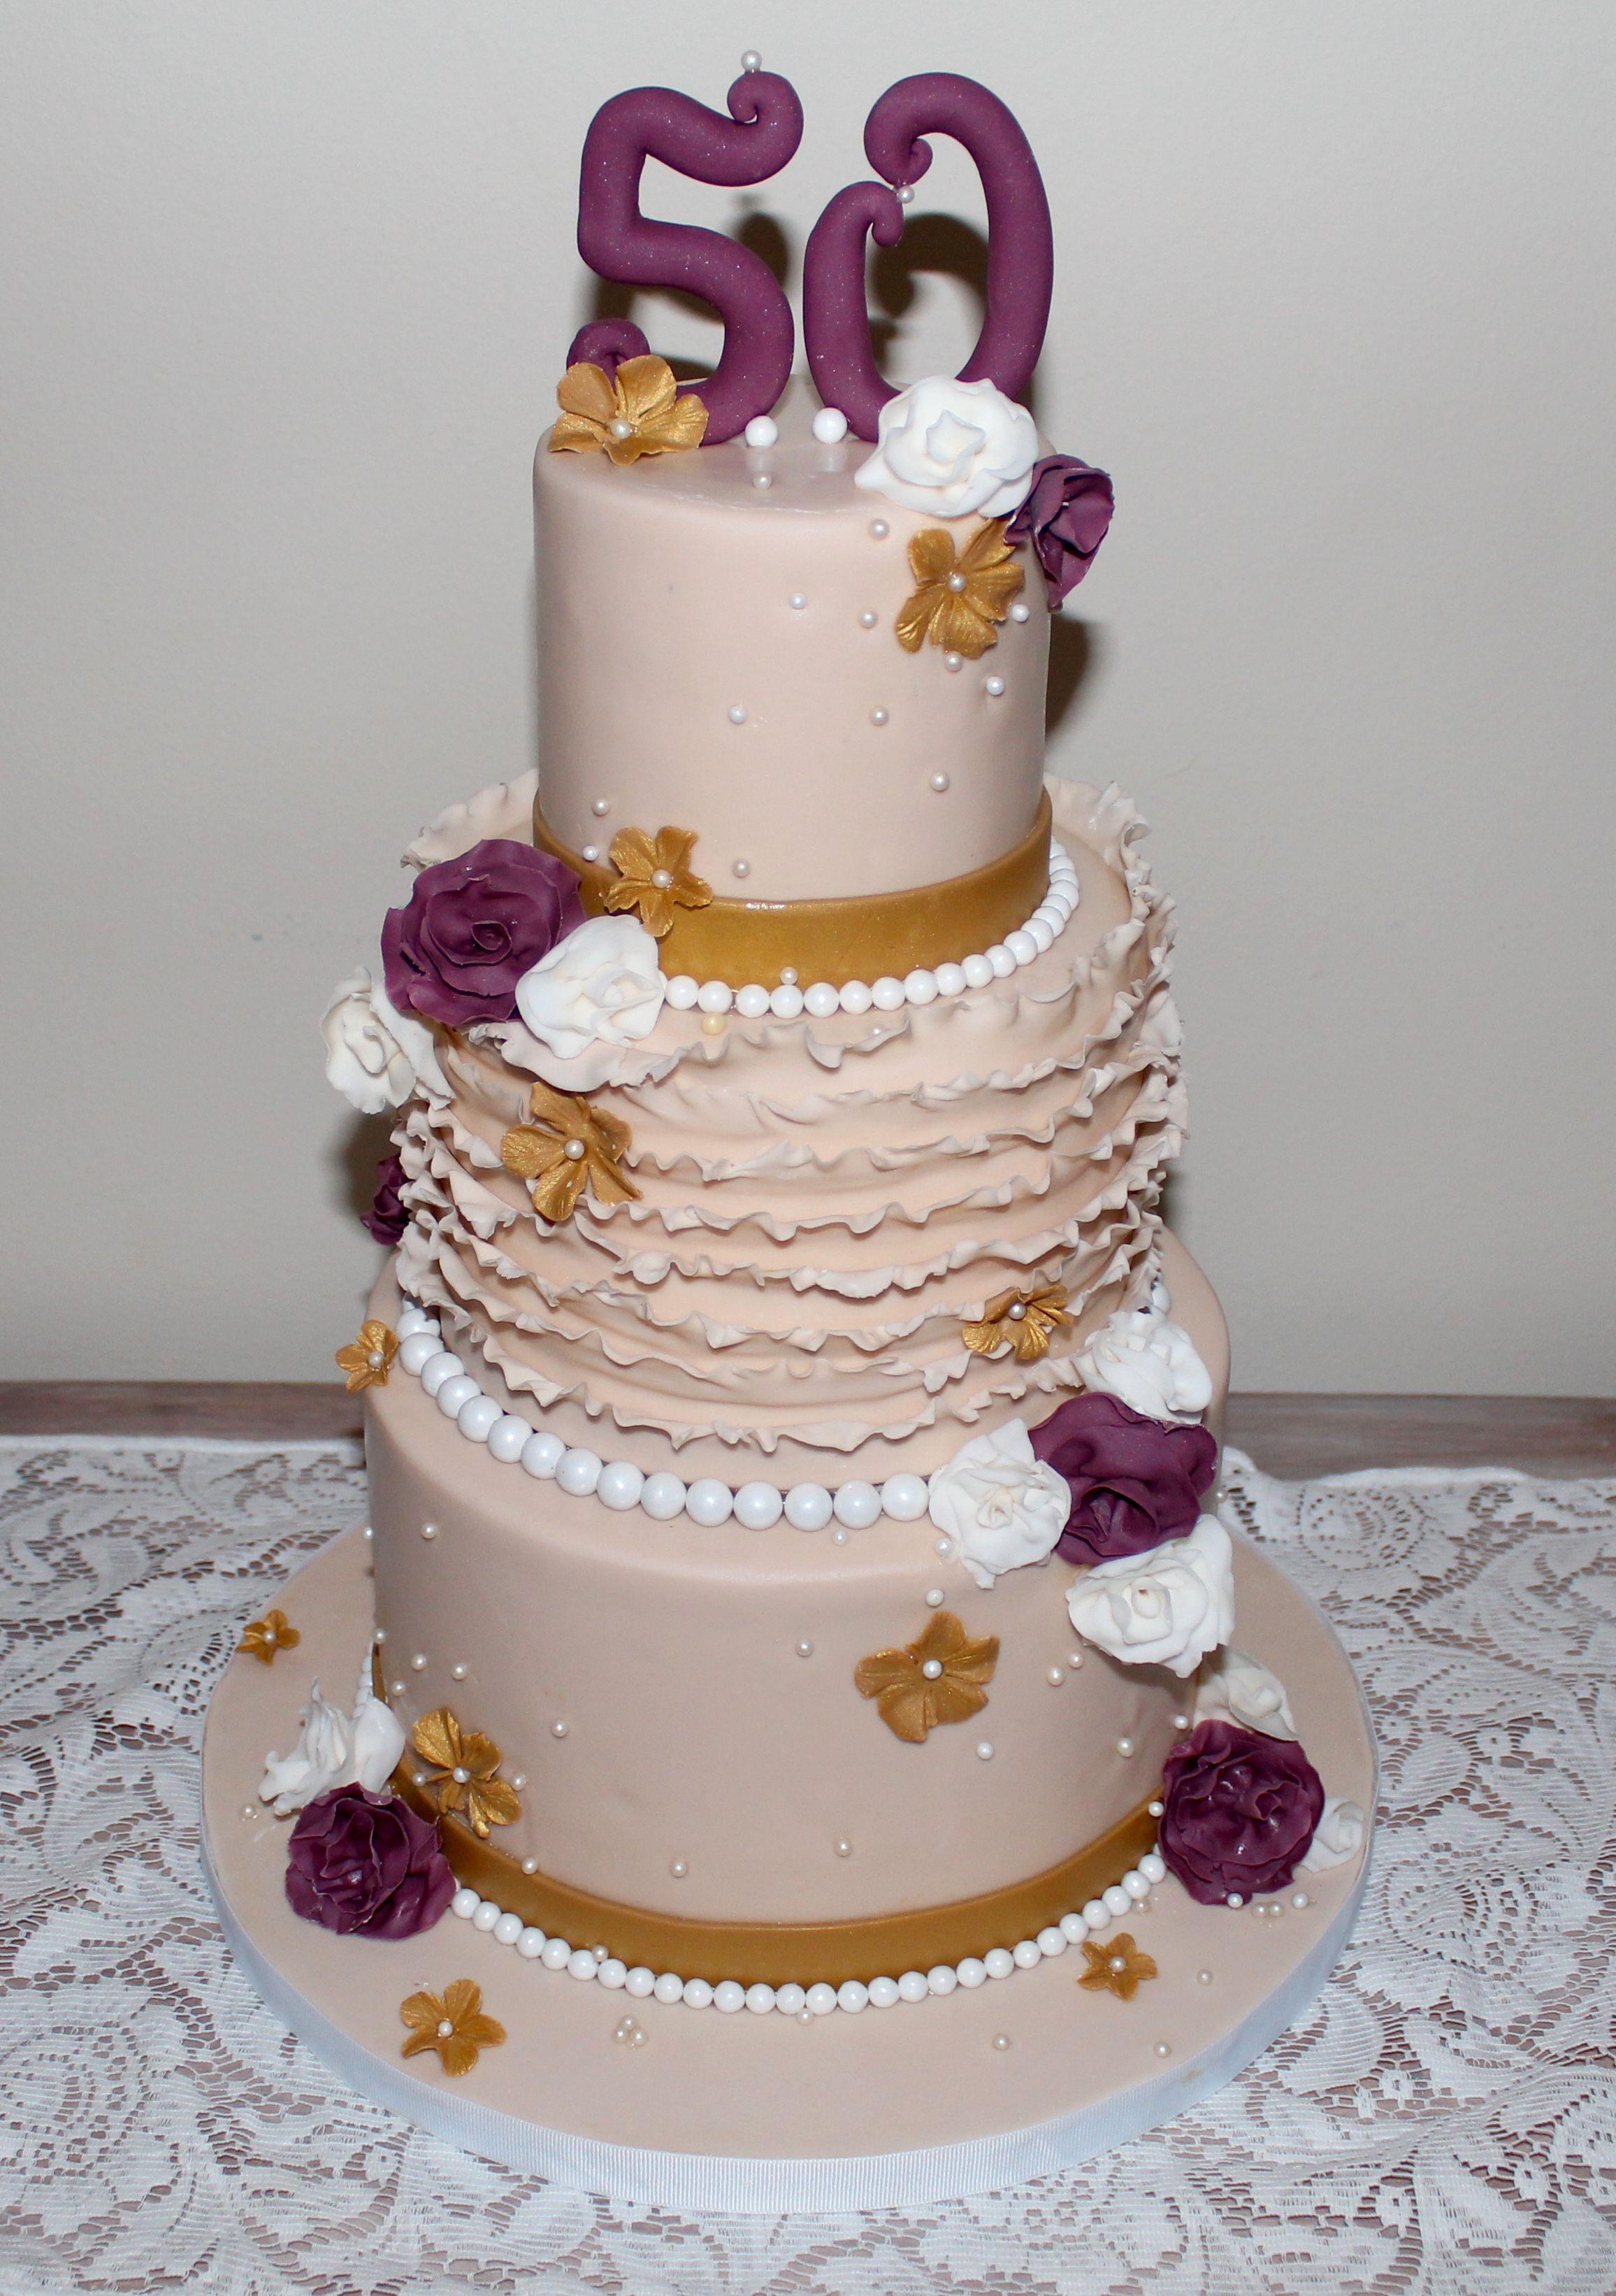 Nude birthday cake